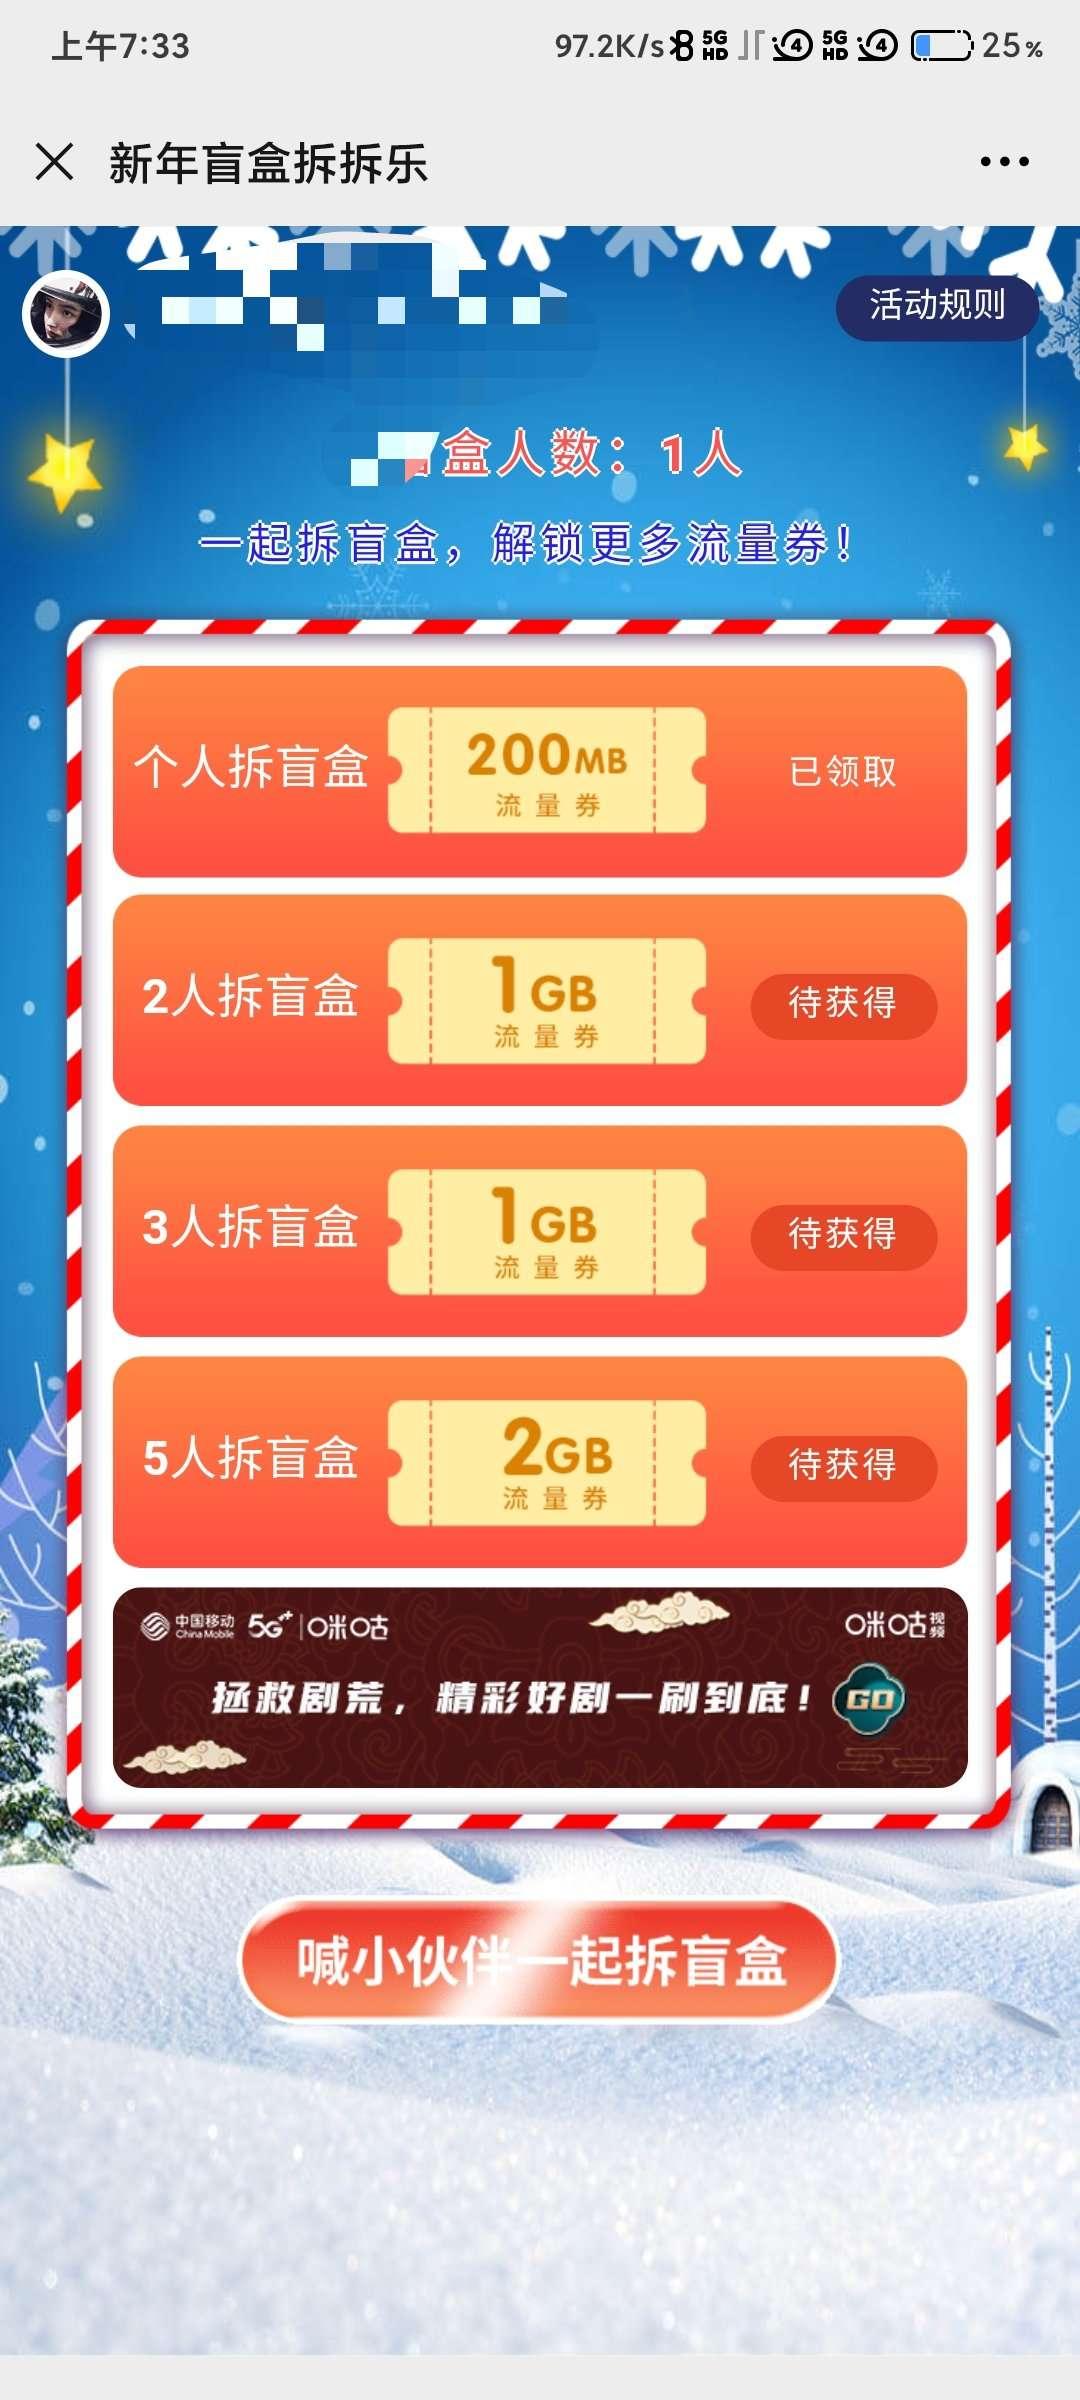 中国移动新年盲盒拆拆乐插图1